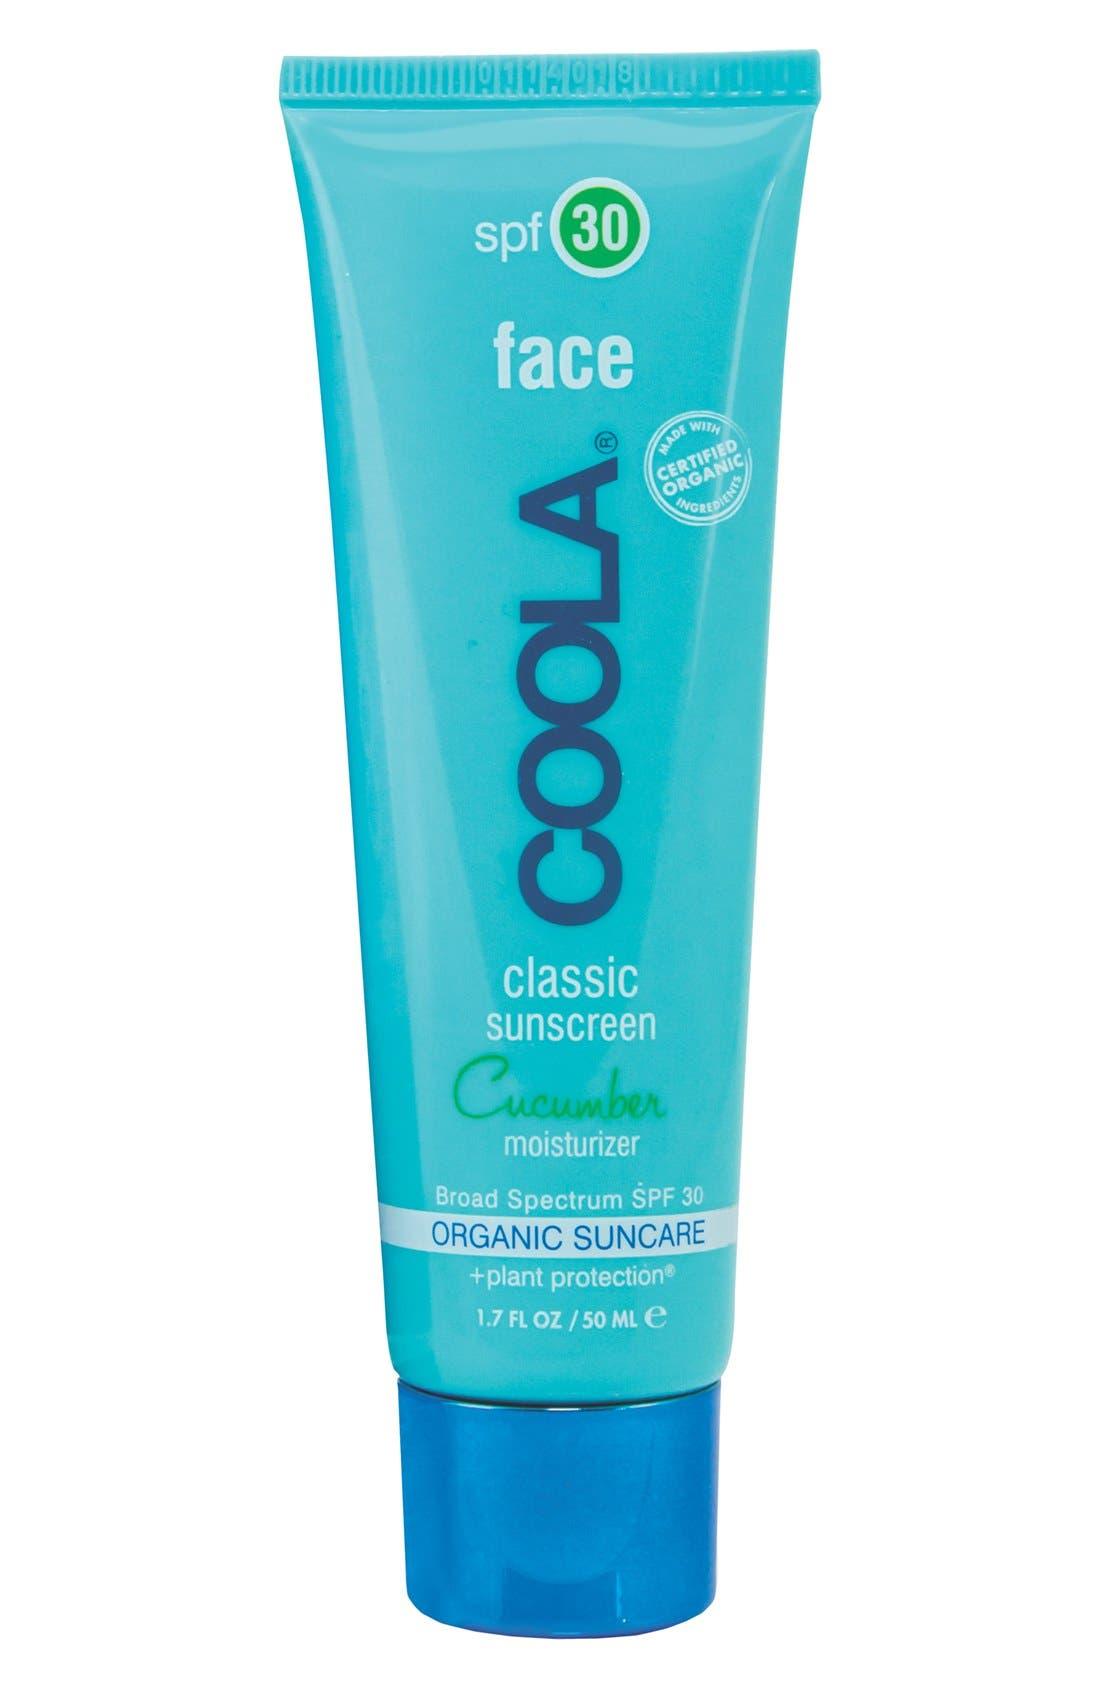 Coola Suncare Face Classic Sunscreen Spf 30